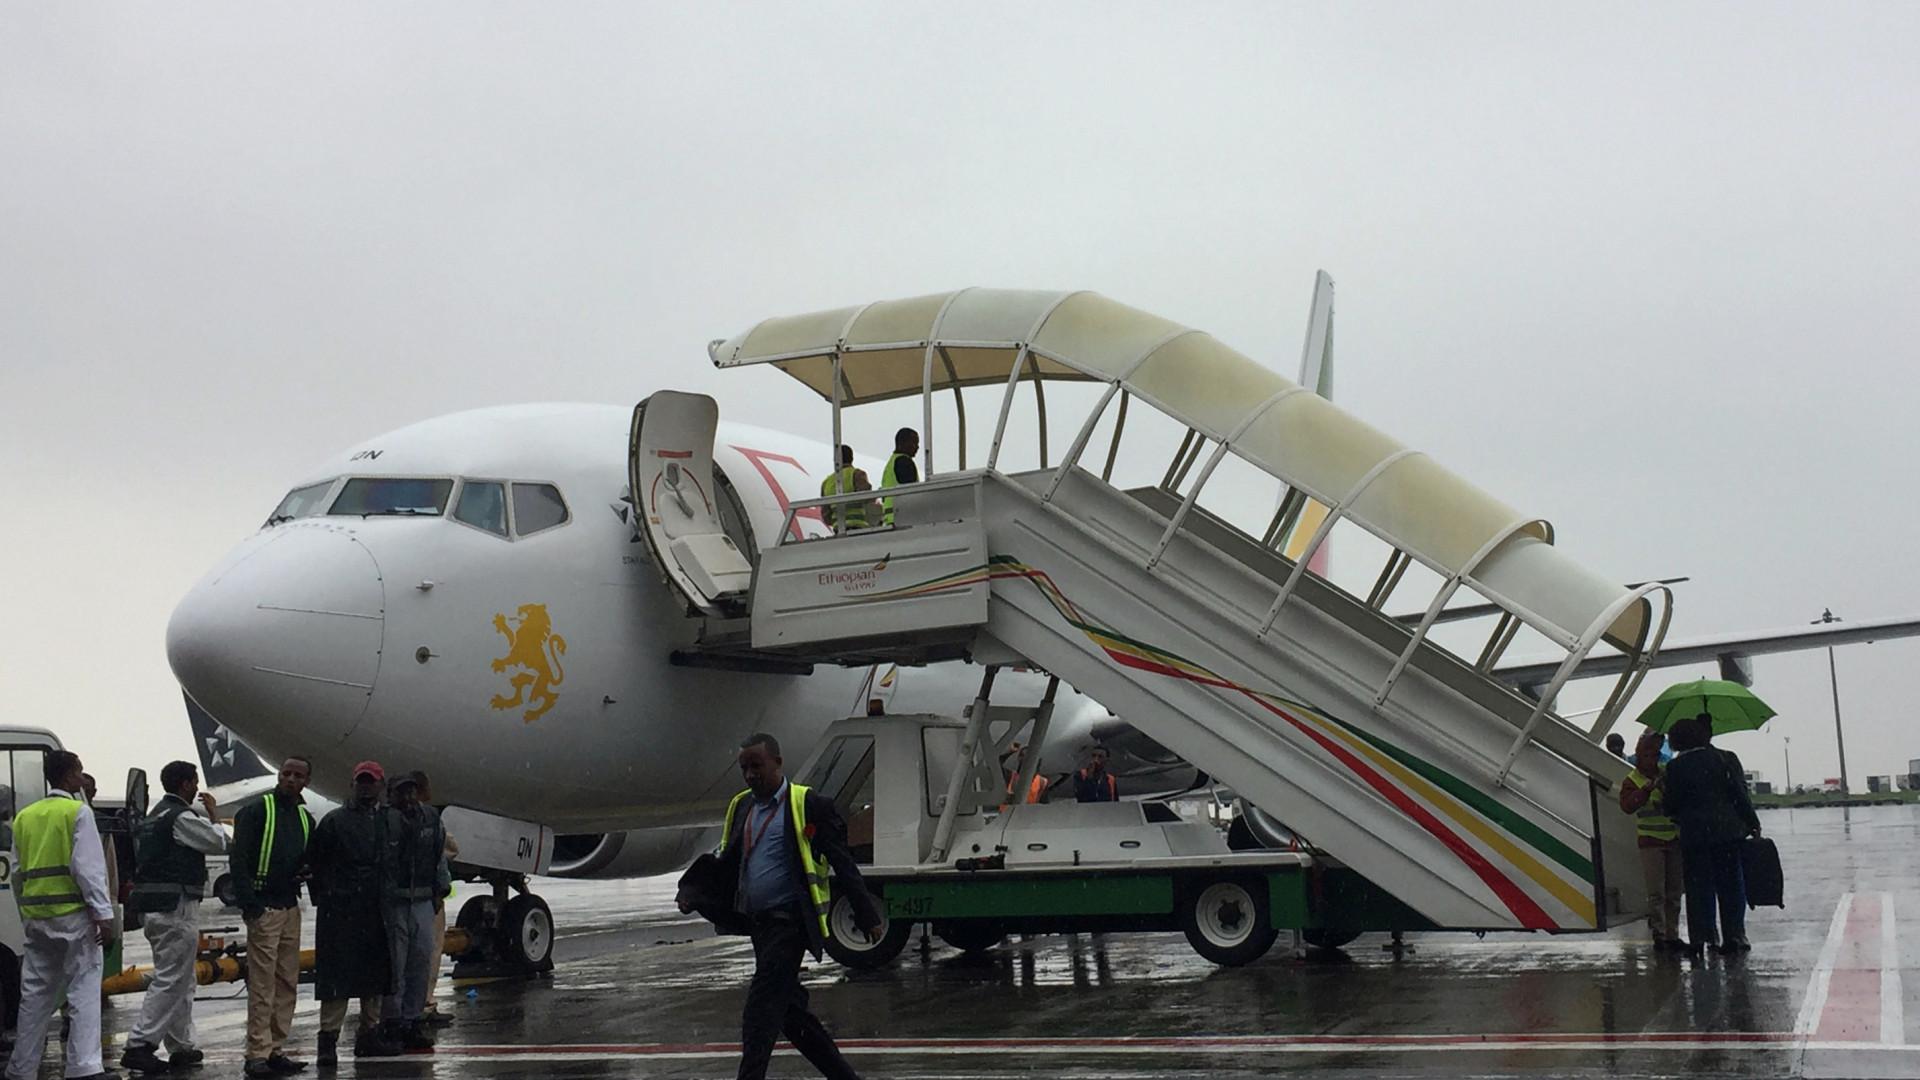 Realizou-se hoje o primeiro voo entre a Etiópia e Eritreia em 20 anos